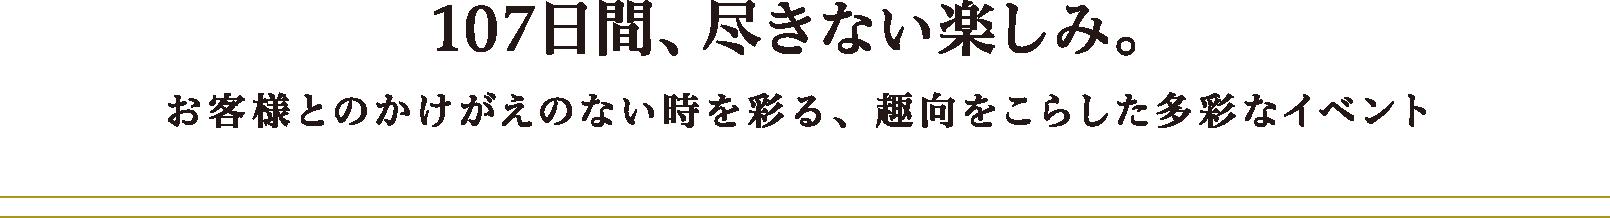 """CRUISE LIFE ロングクルーズならではの船内イベントも盛りだくさん""""日本船のおもてなし""""をご堪能ください"""